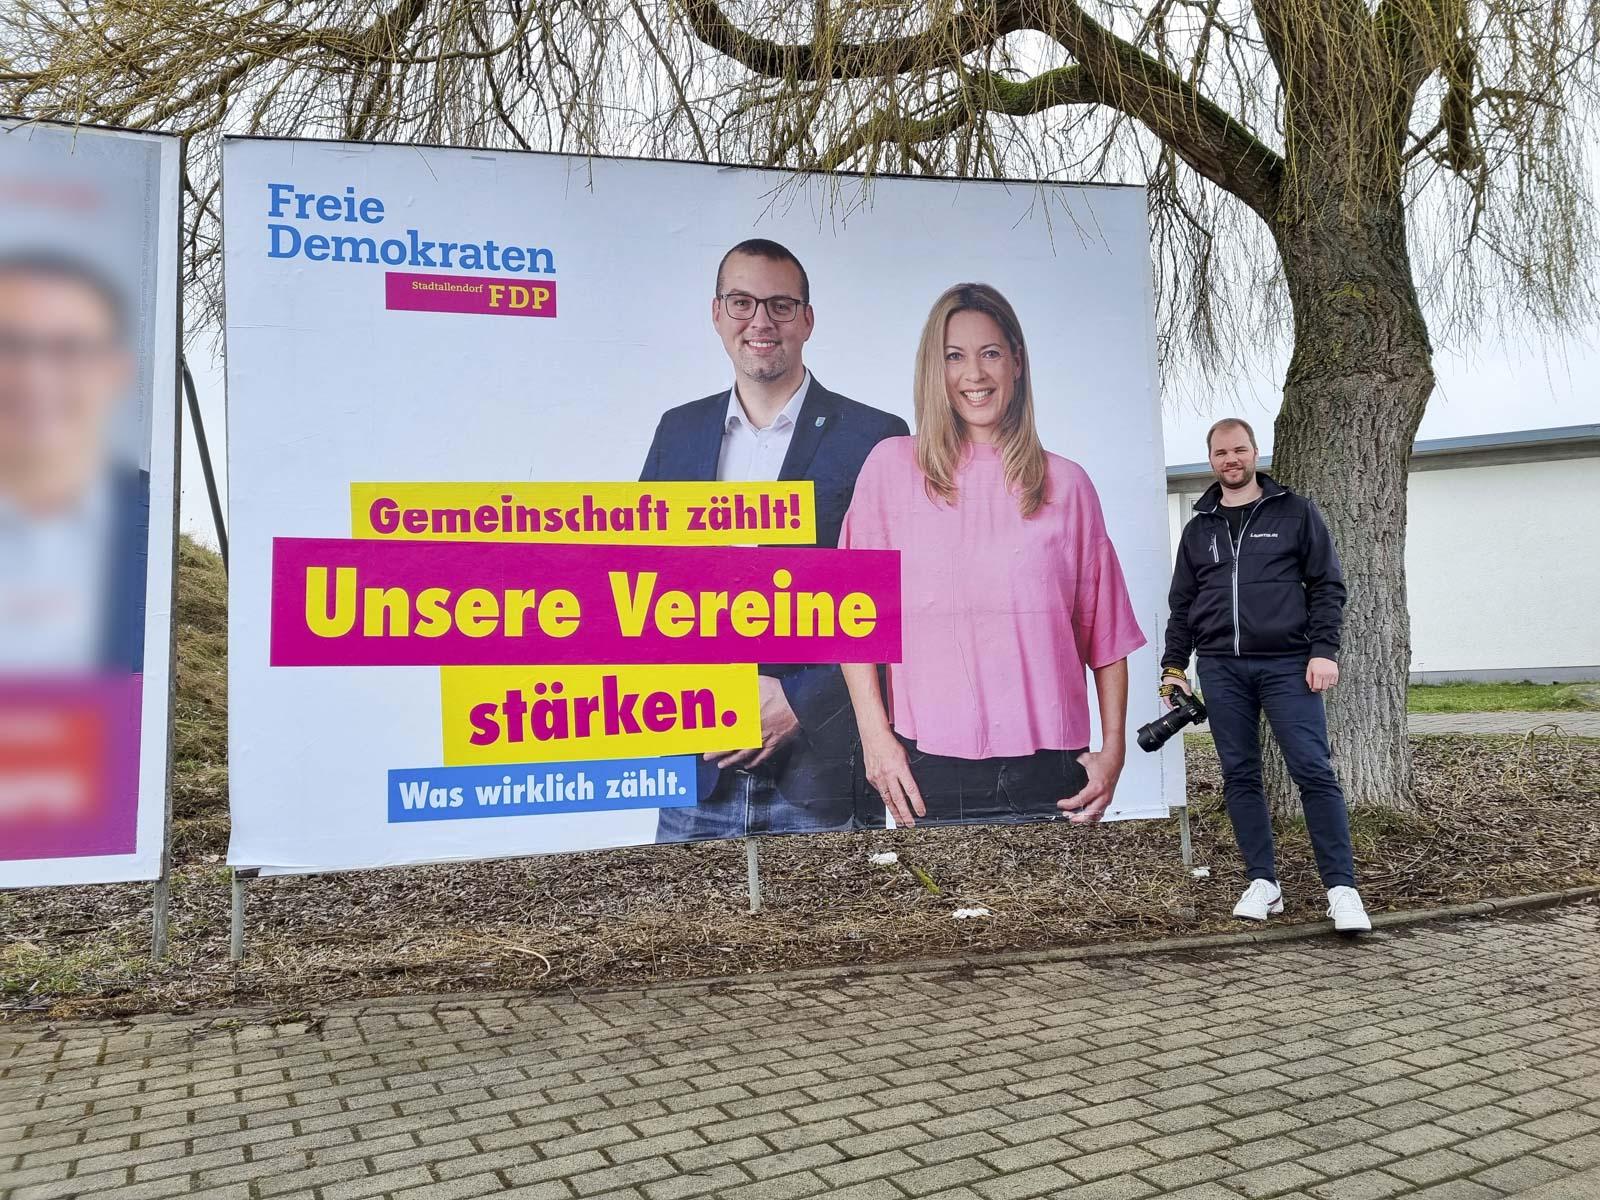 FDP Stadtallendorf dominik runge alexandra baader